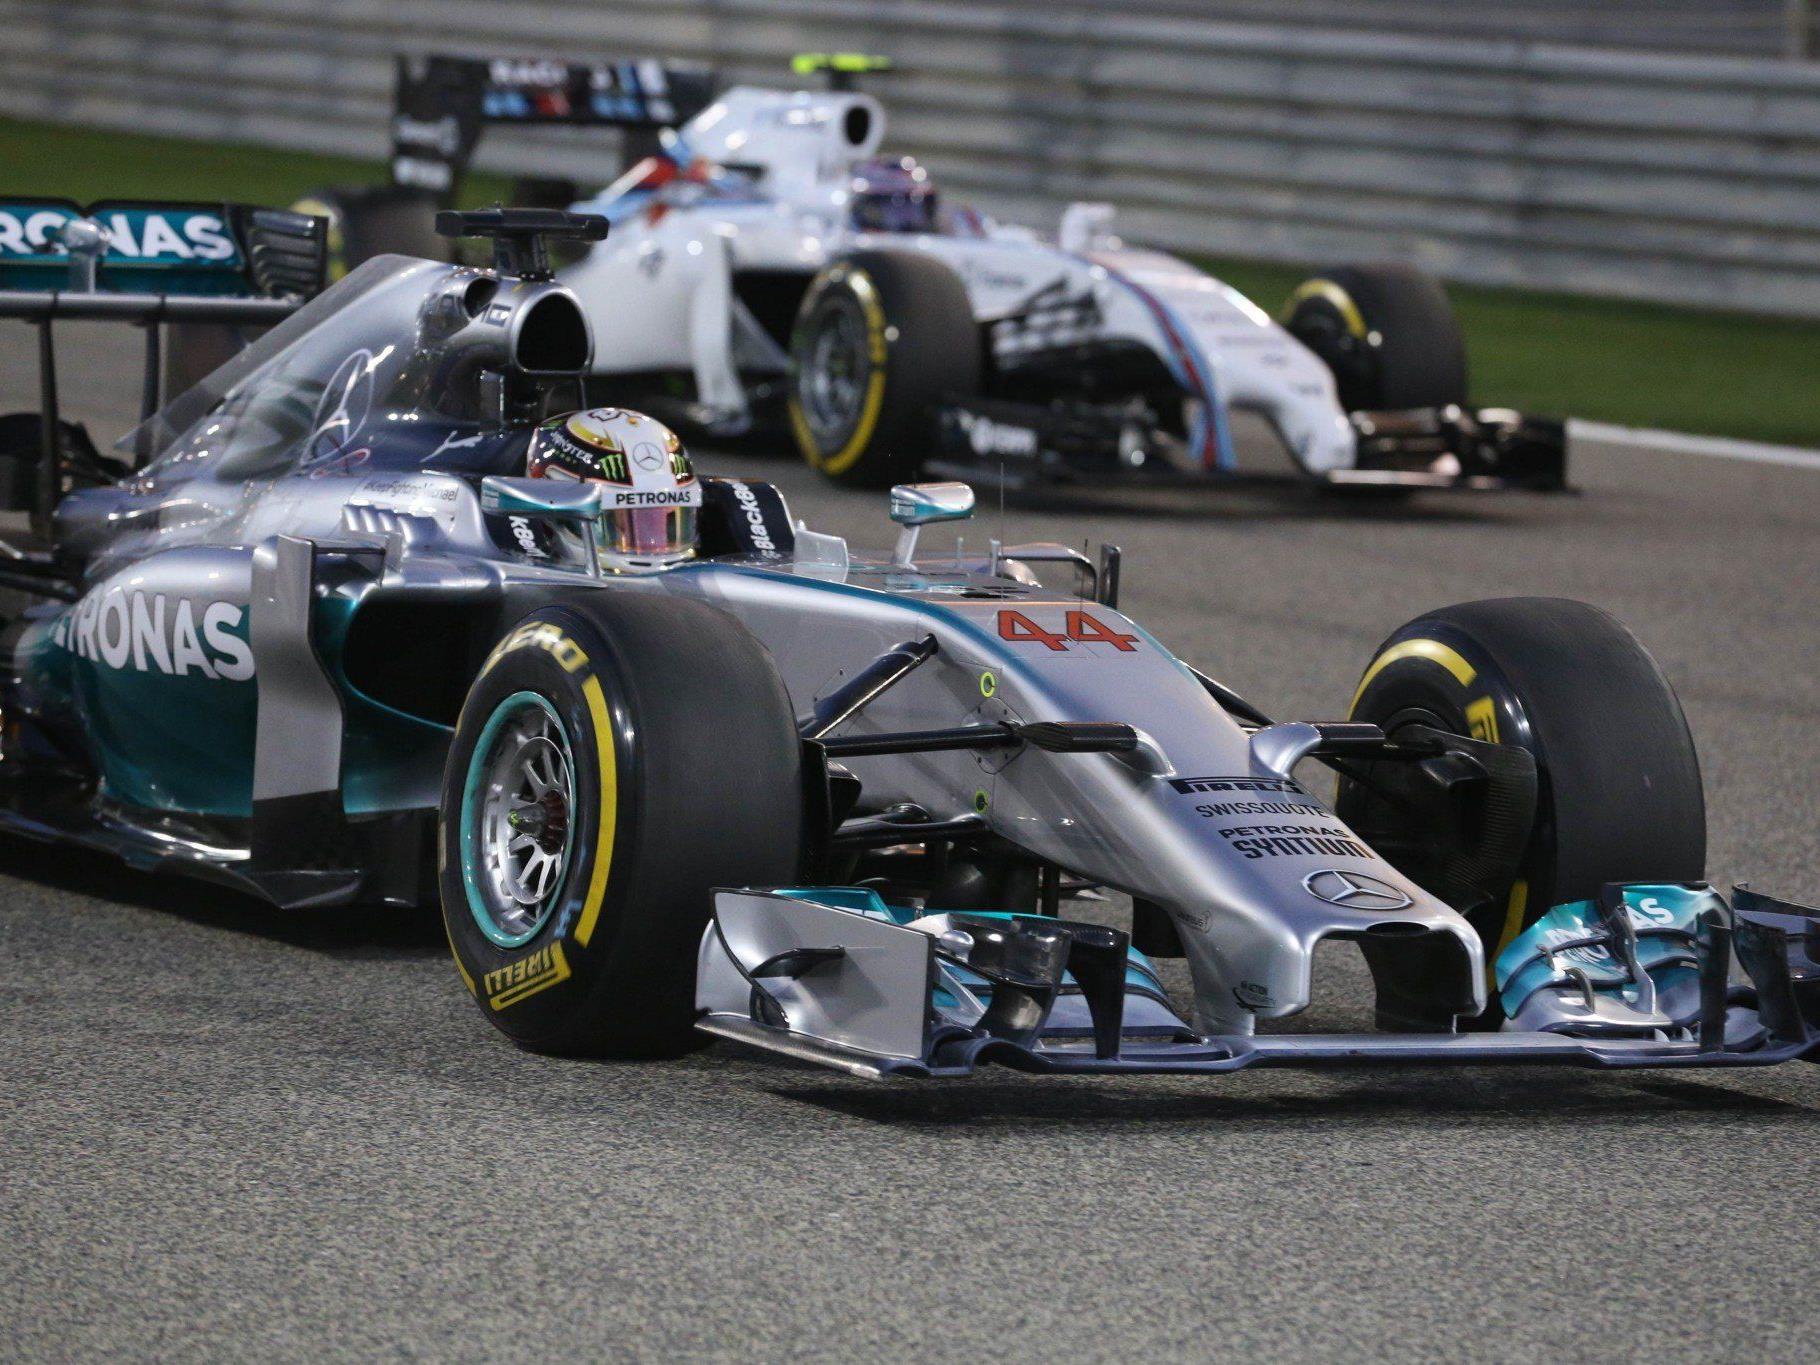 Engländer Hamilton entschied packendes Mercedes-Duell für sich - Rosberg weiter WM-Leader.